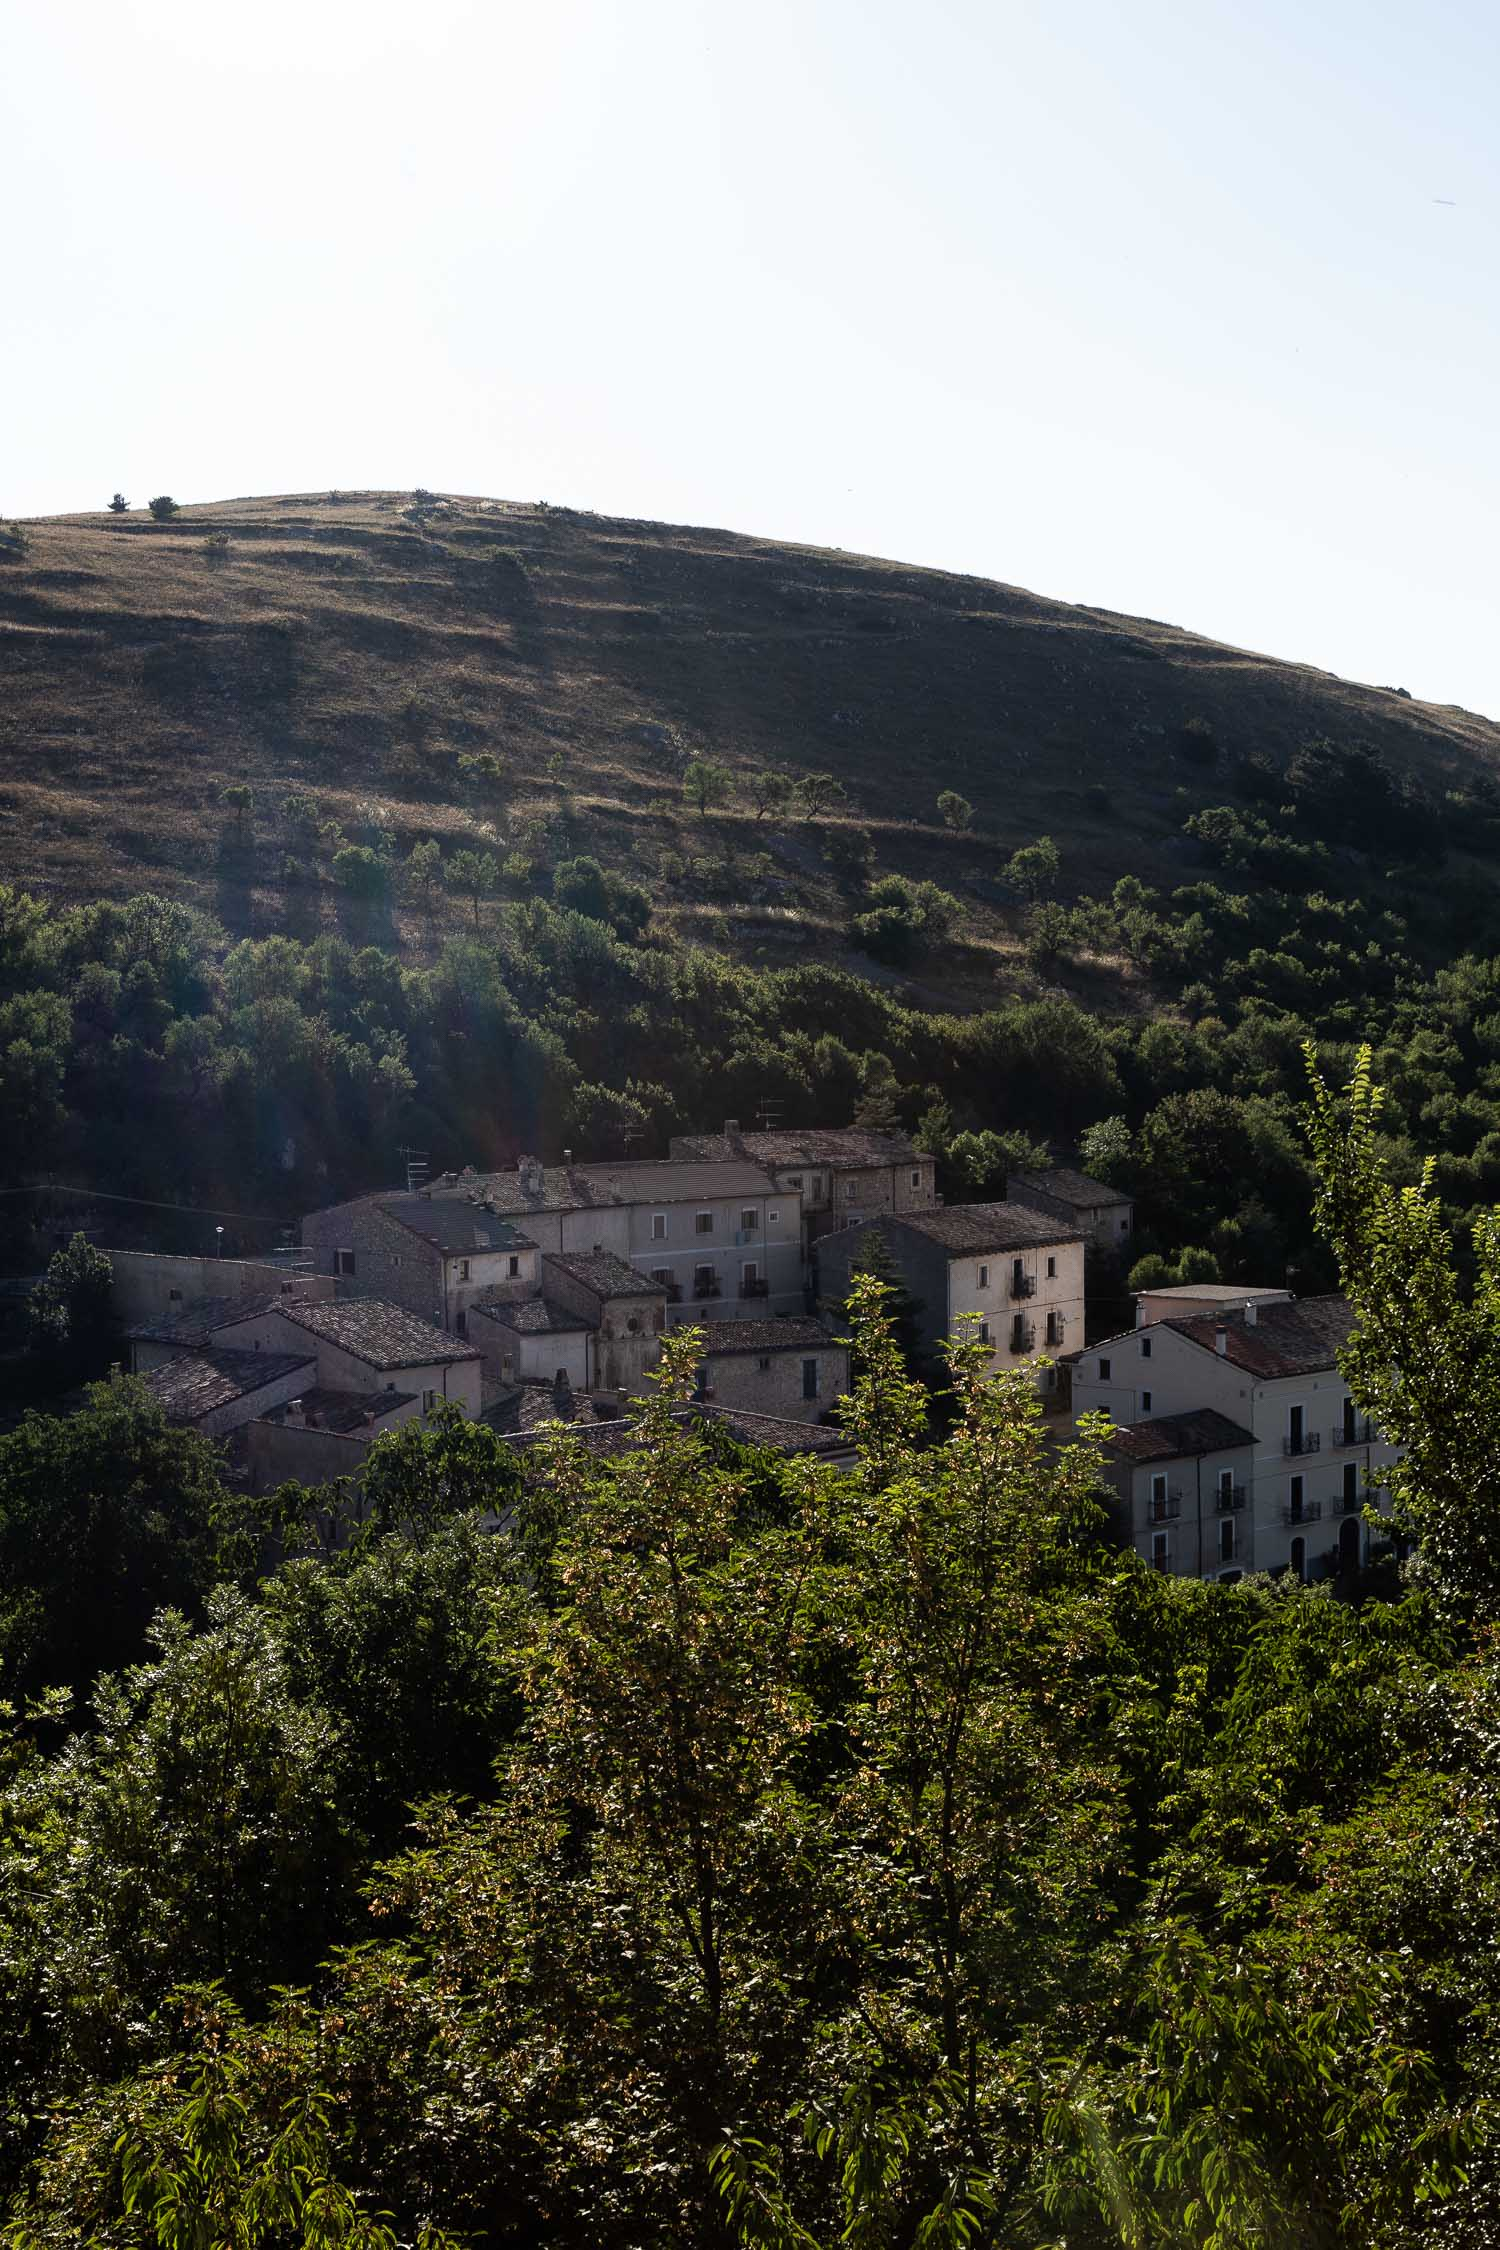 Santo-Stefano-di-Sessanio-View-Abruzzo-5643.jpg